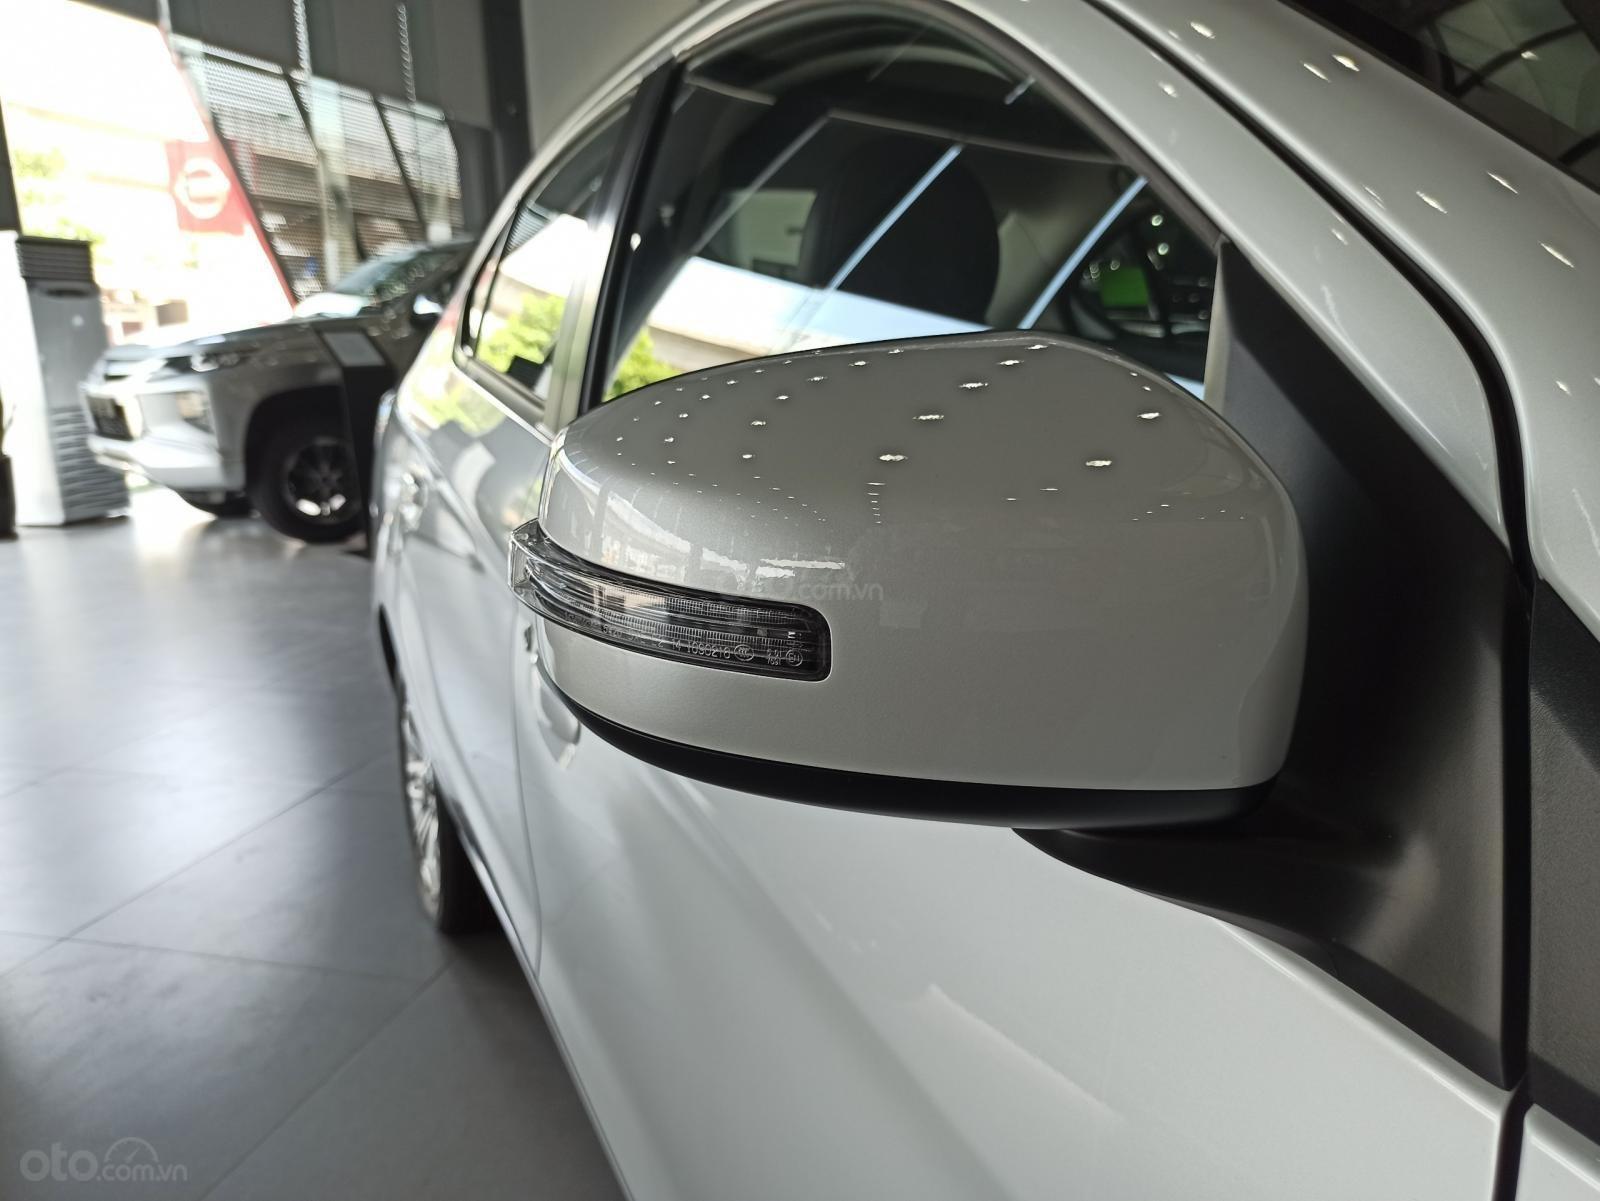 [Hot] Attrage được Mitsubishi tặng 50% thuế trước bạ, chỉ với 100 triệu có xe đi ngay (5)